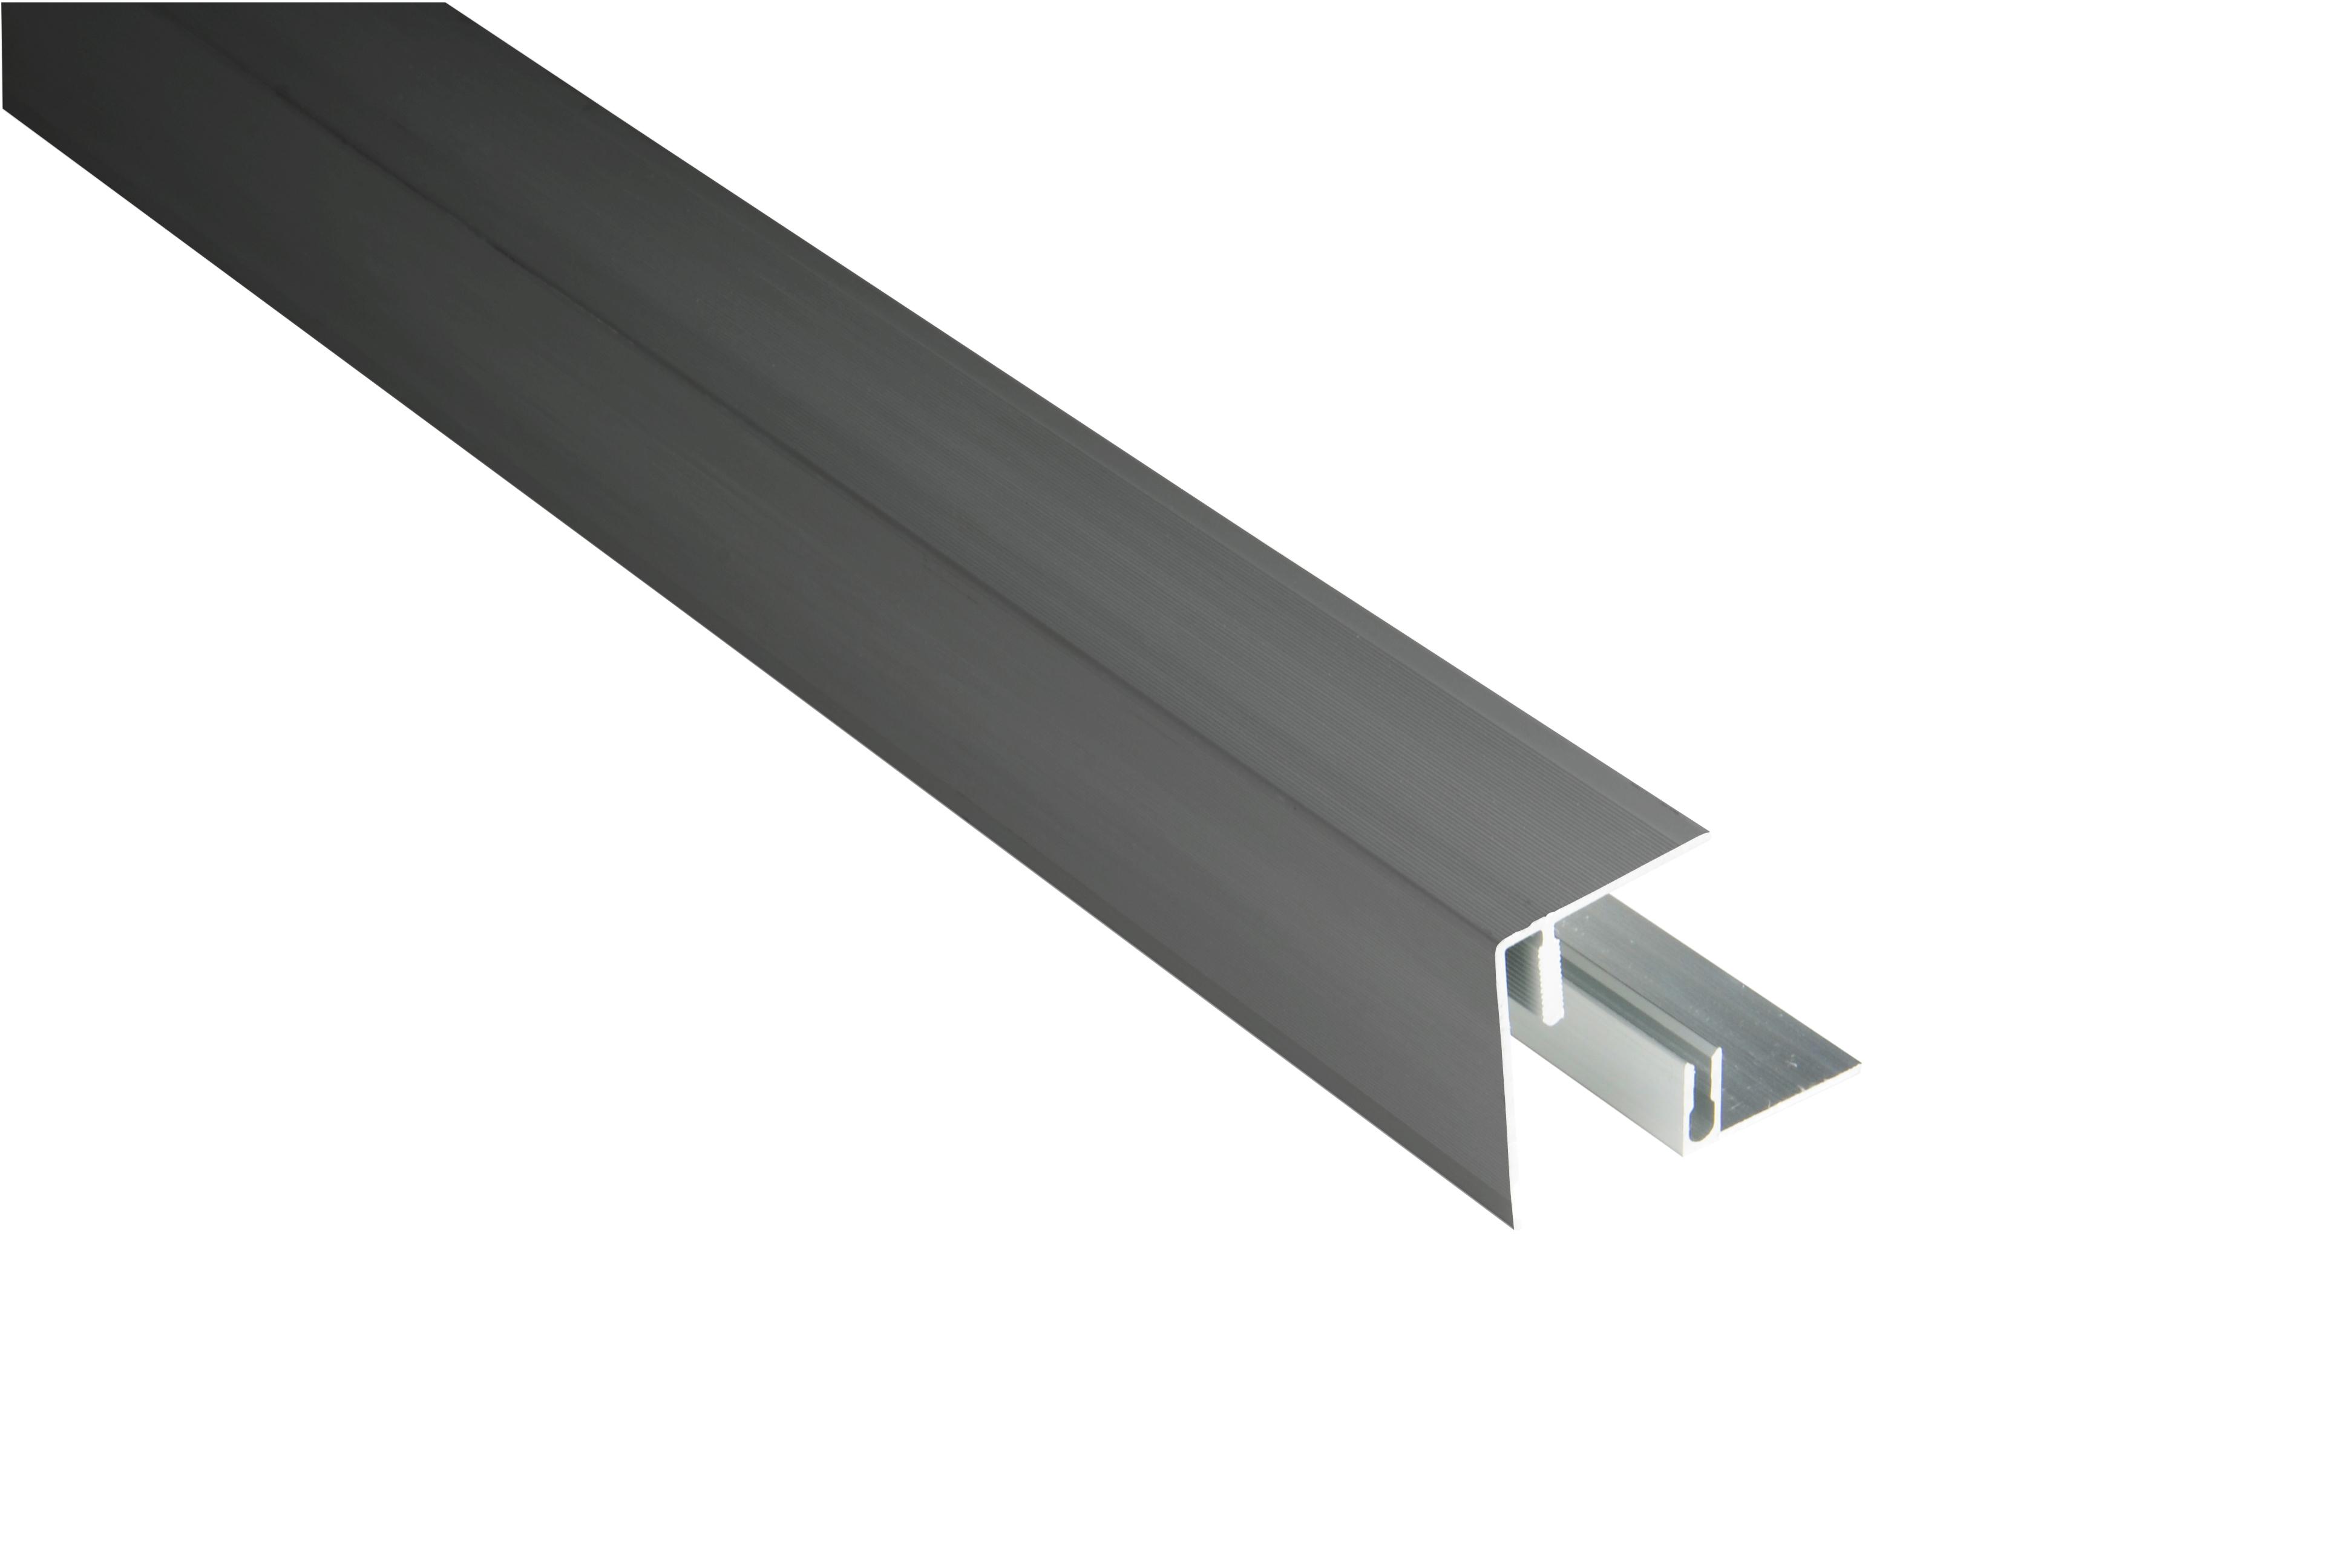 Kovalex Aluminium Seitenabschluss mit Befestigungsprofil - Farbe: Anthrazit - Abmessung: 45x59x2.500 mm